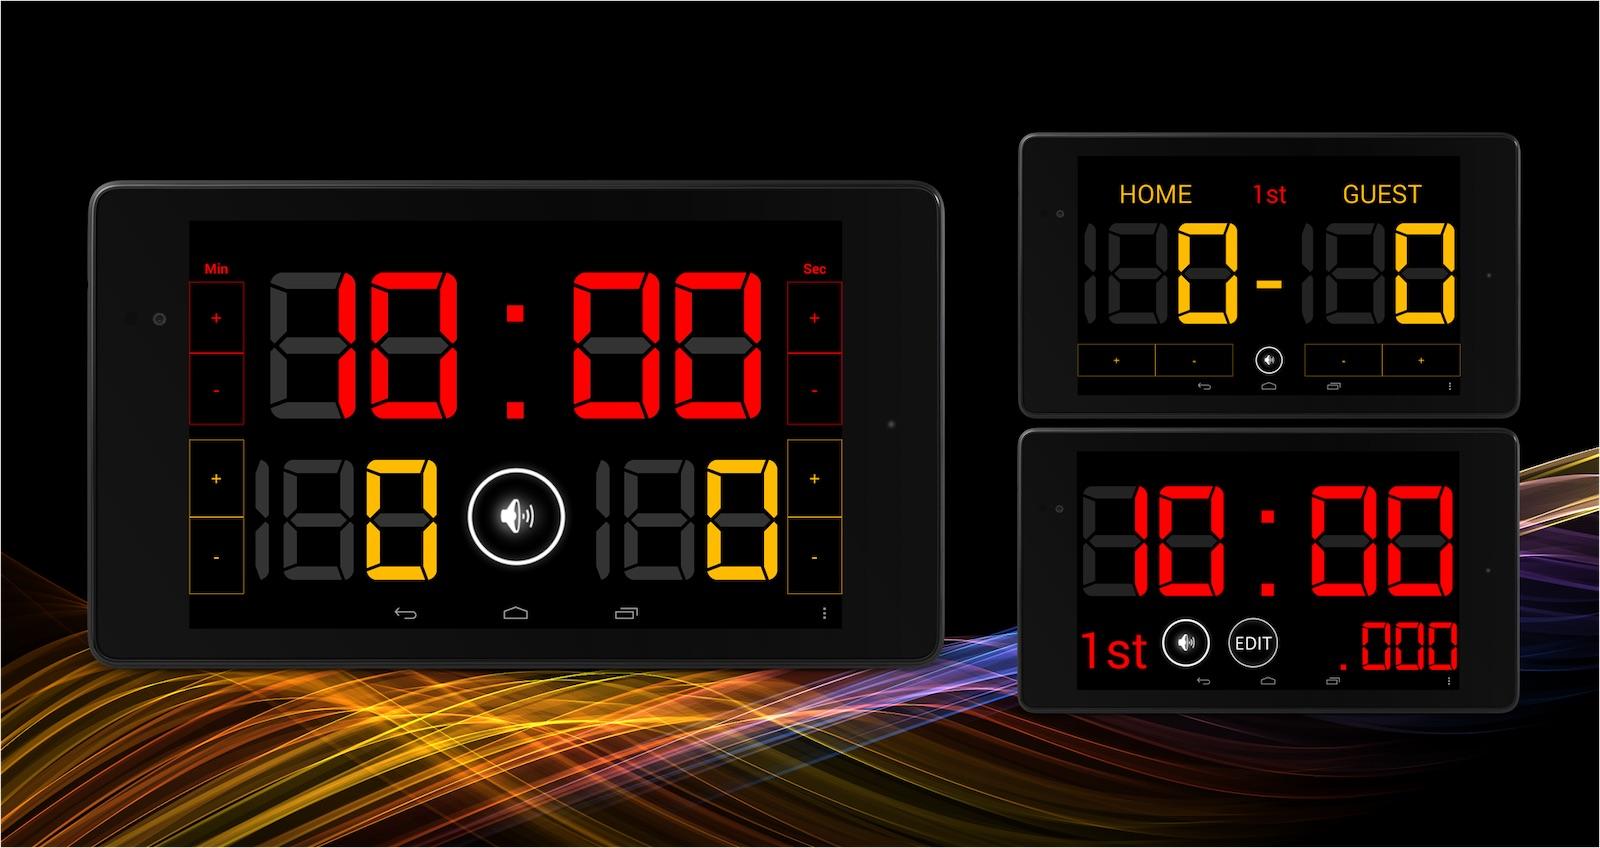 4. Scoreboard Simple